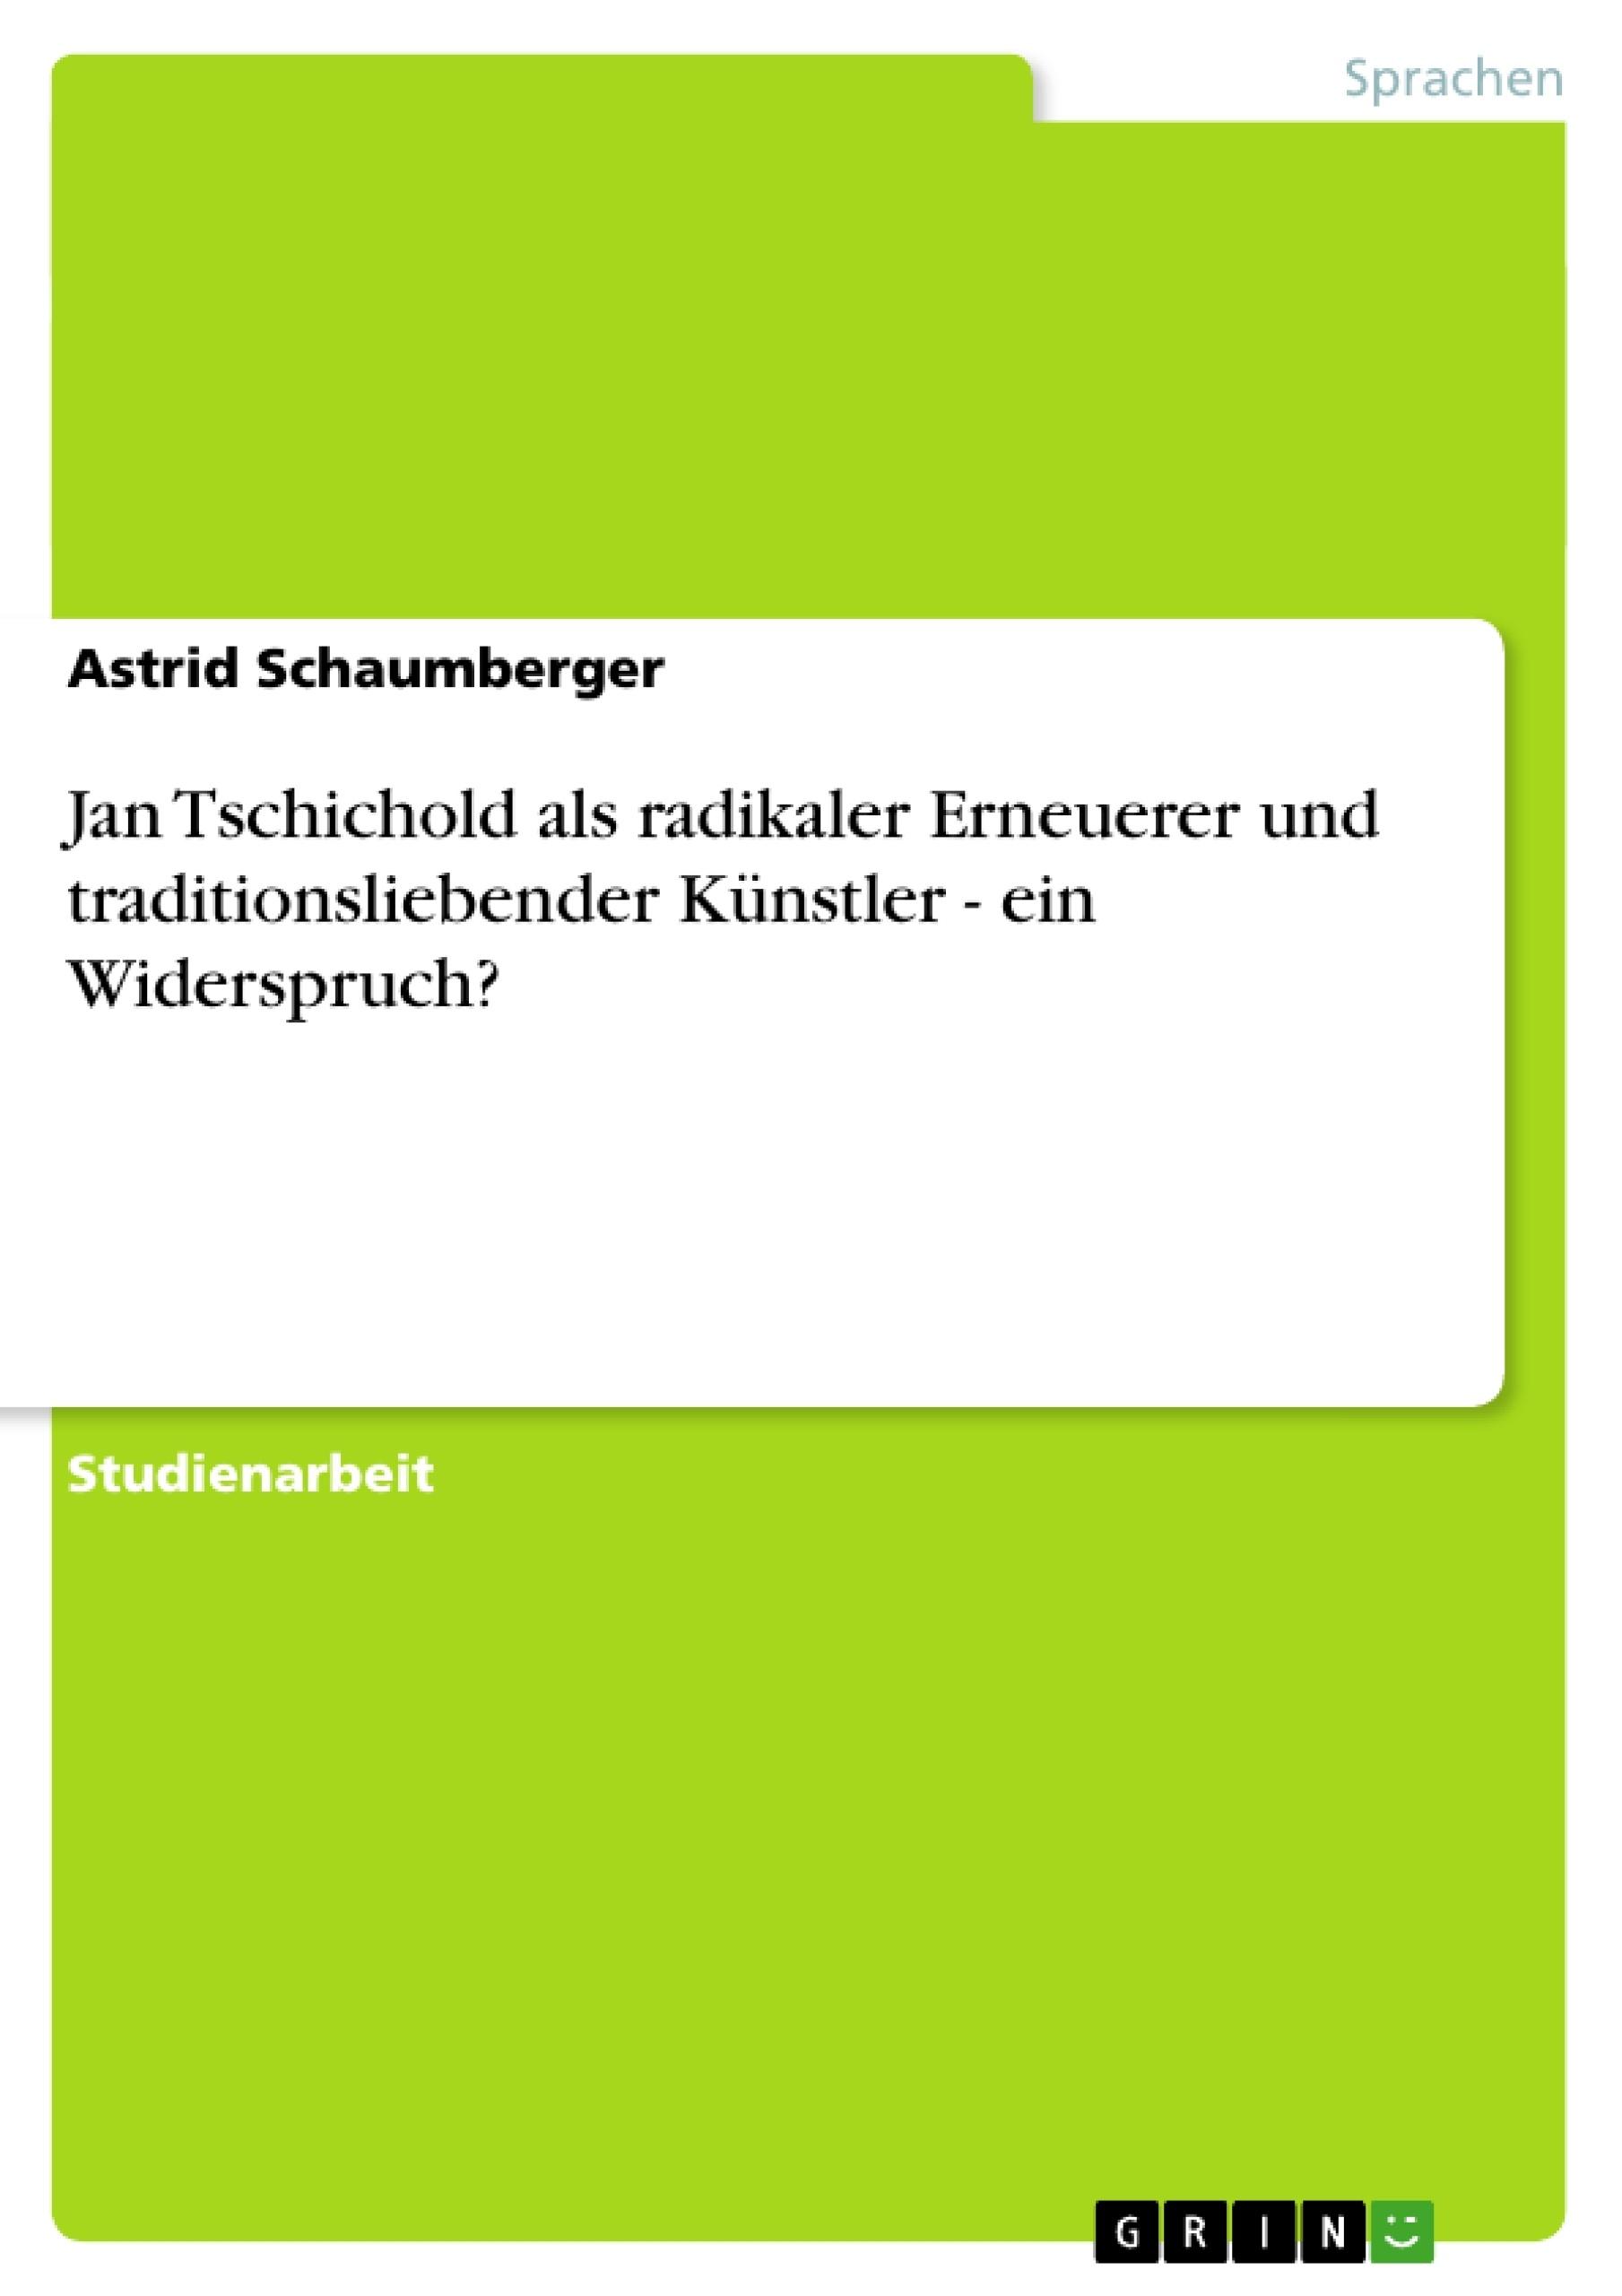 Titel: Jan Tschichold als radikaler Erneuerer und traditionsliebender Künstler - ein Widerspruch?